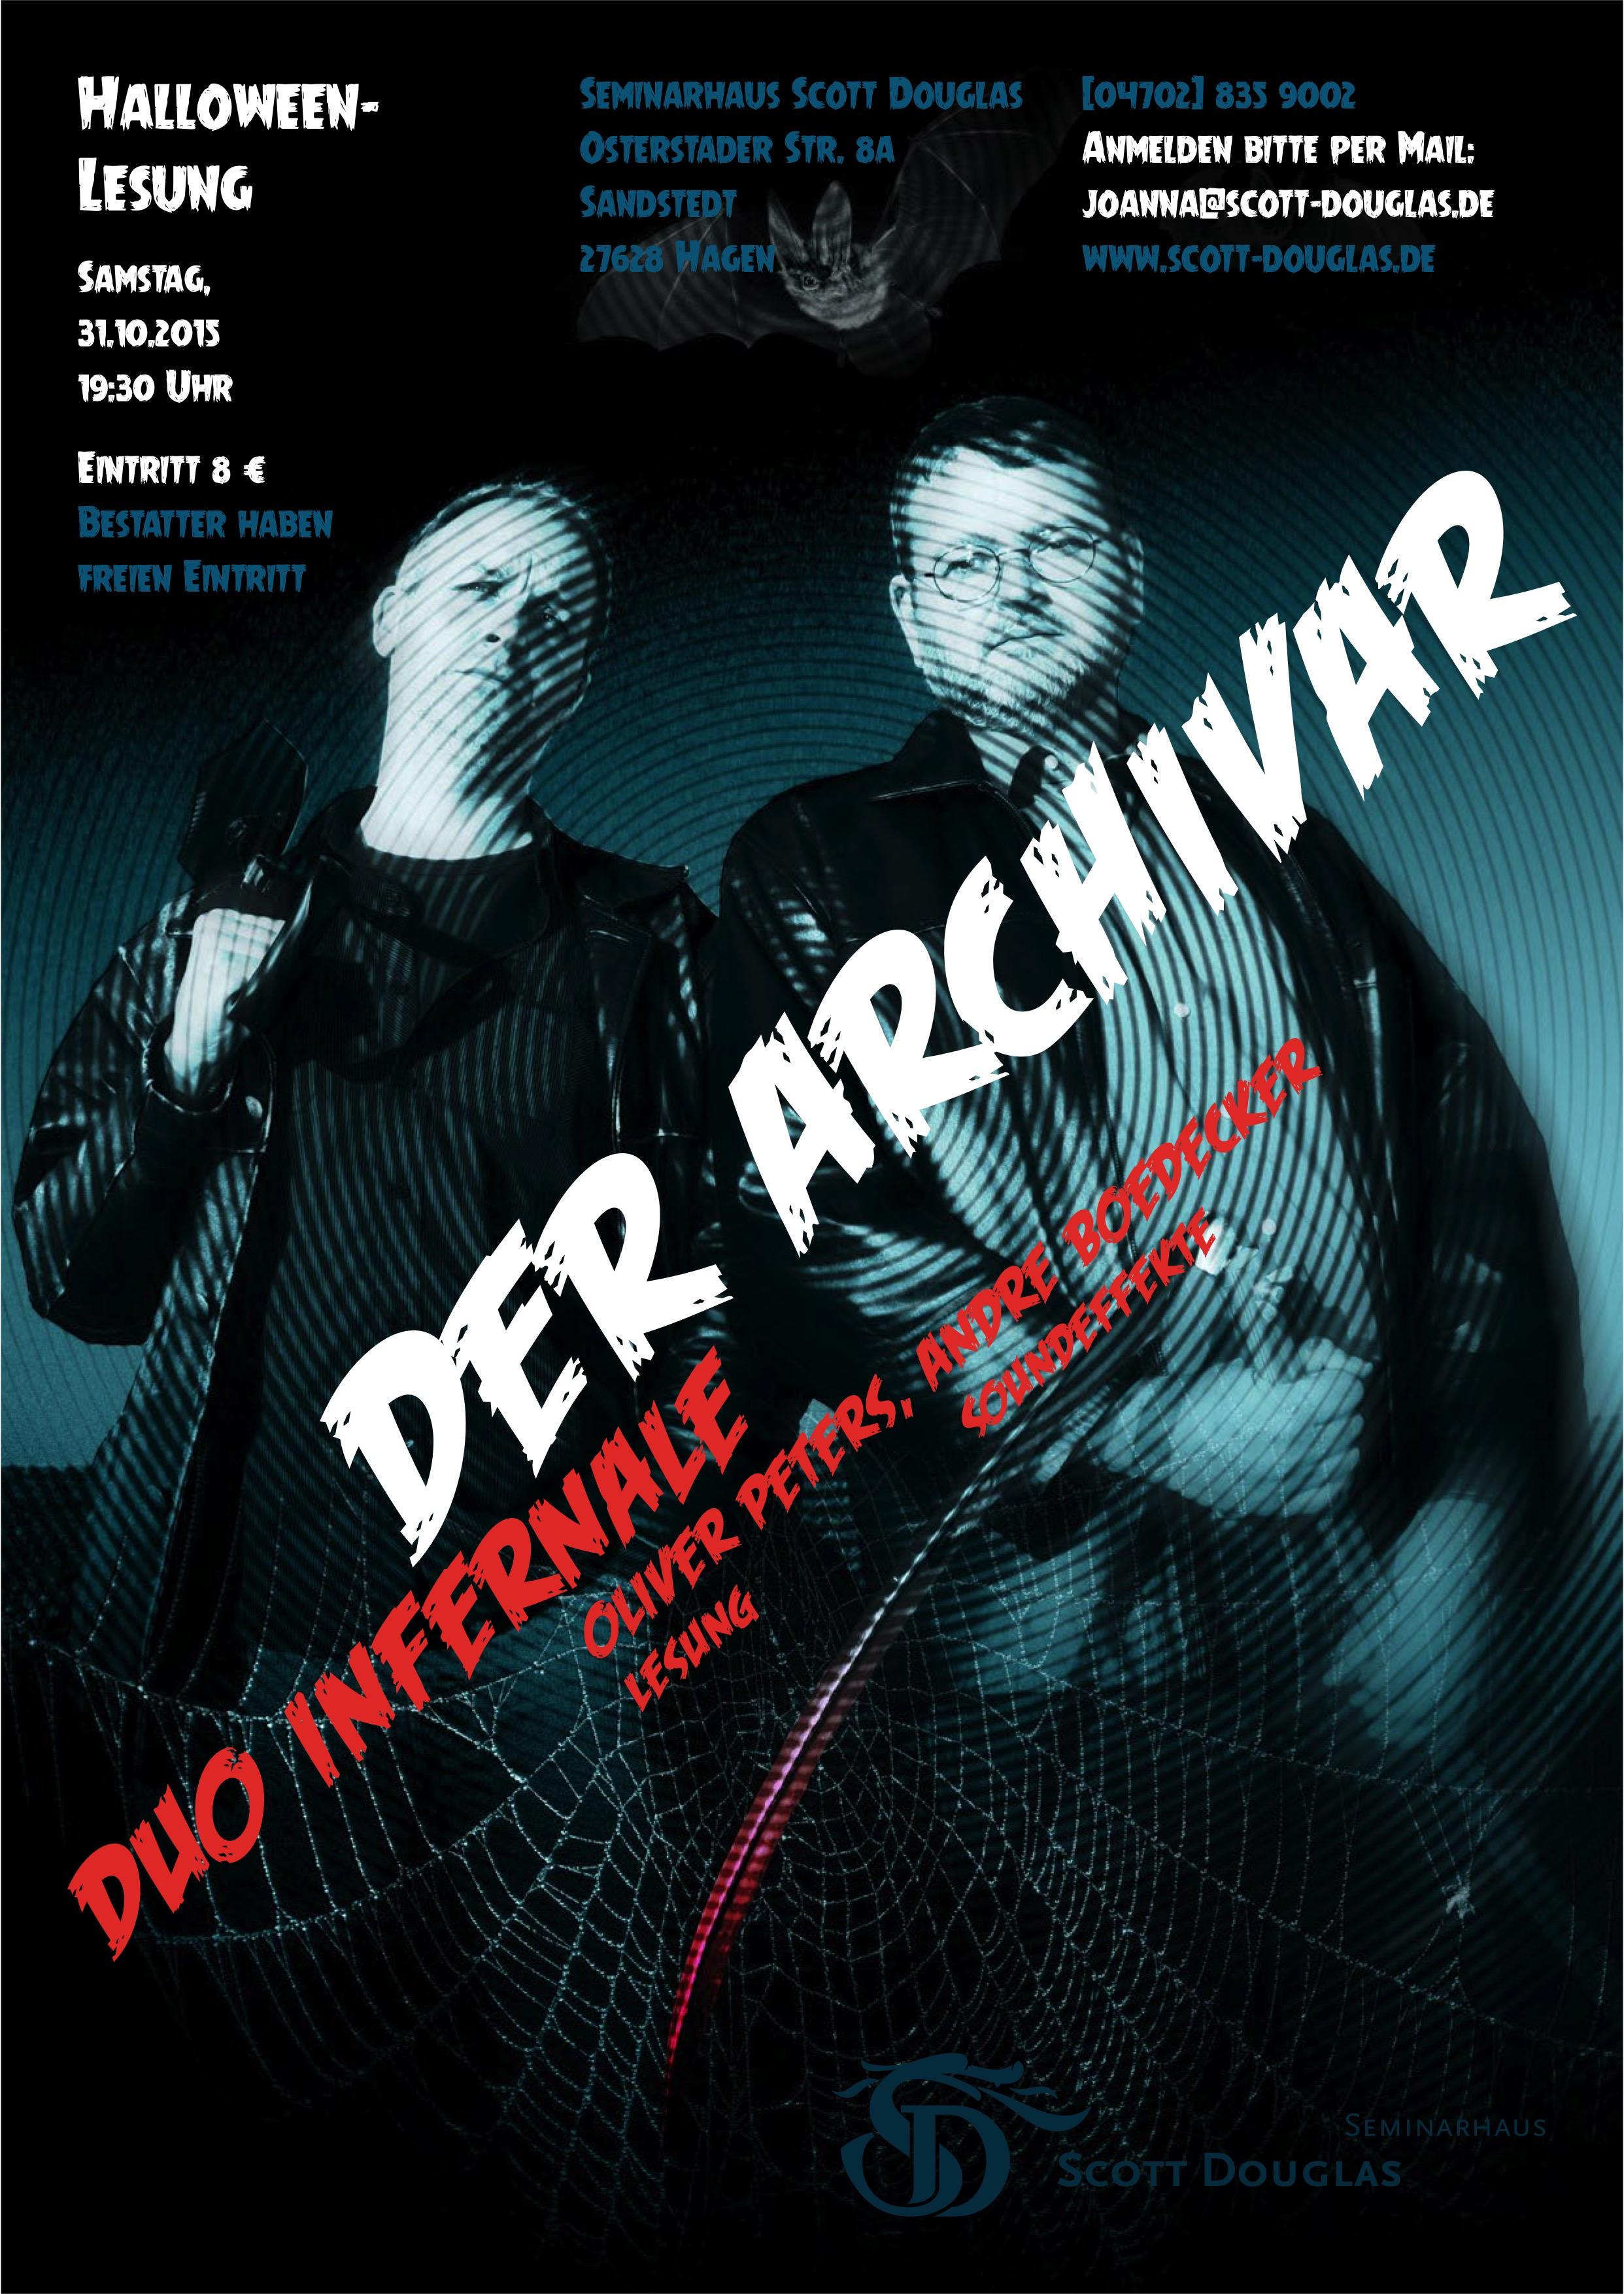 poster_der_archivar